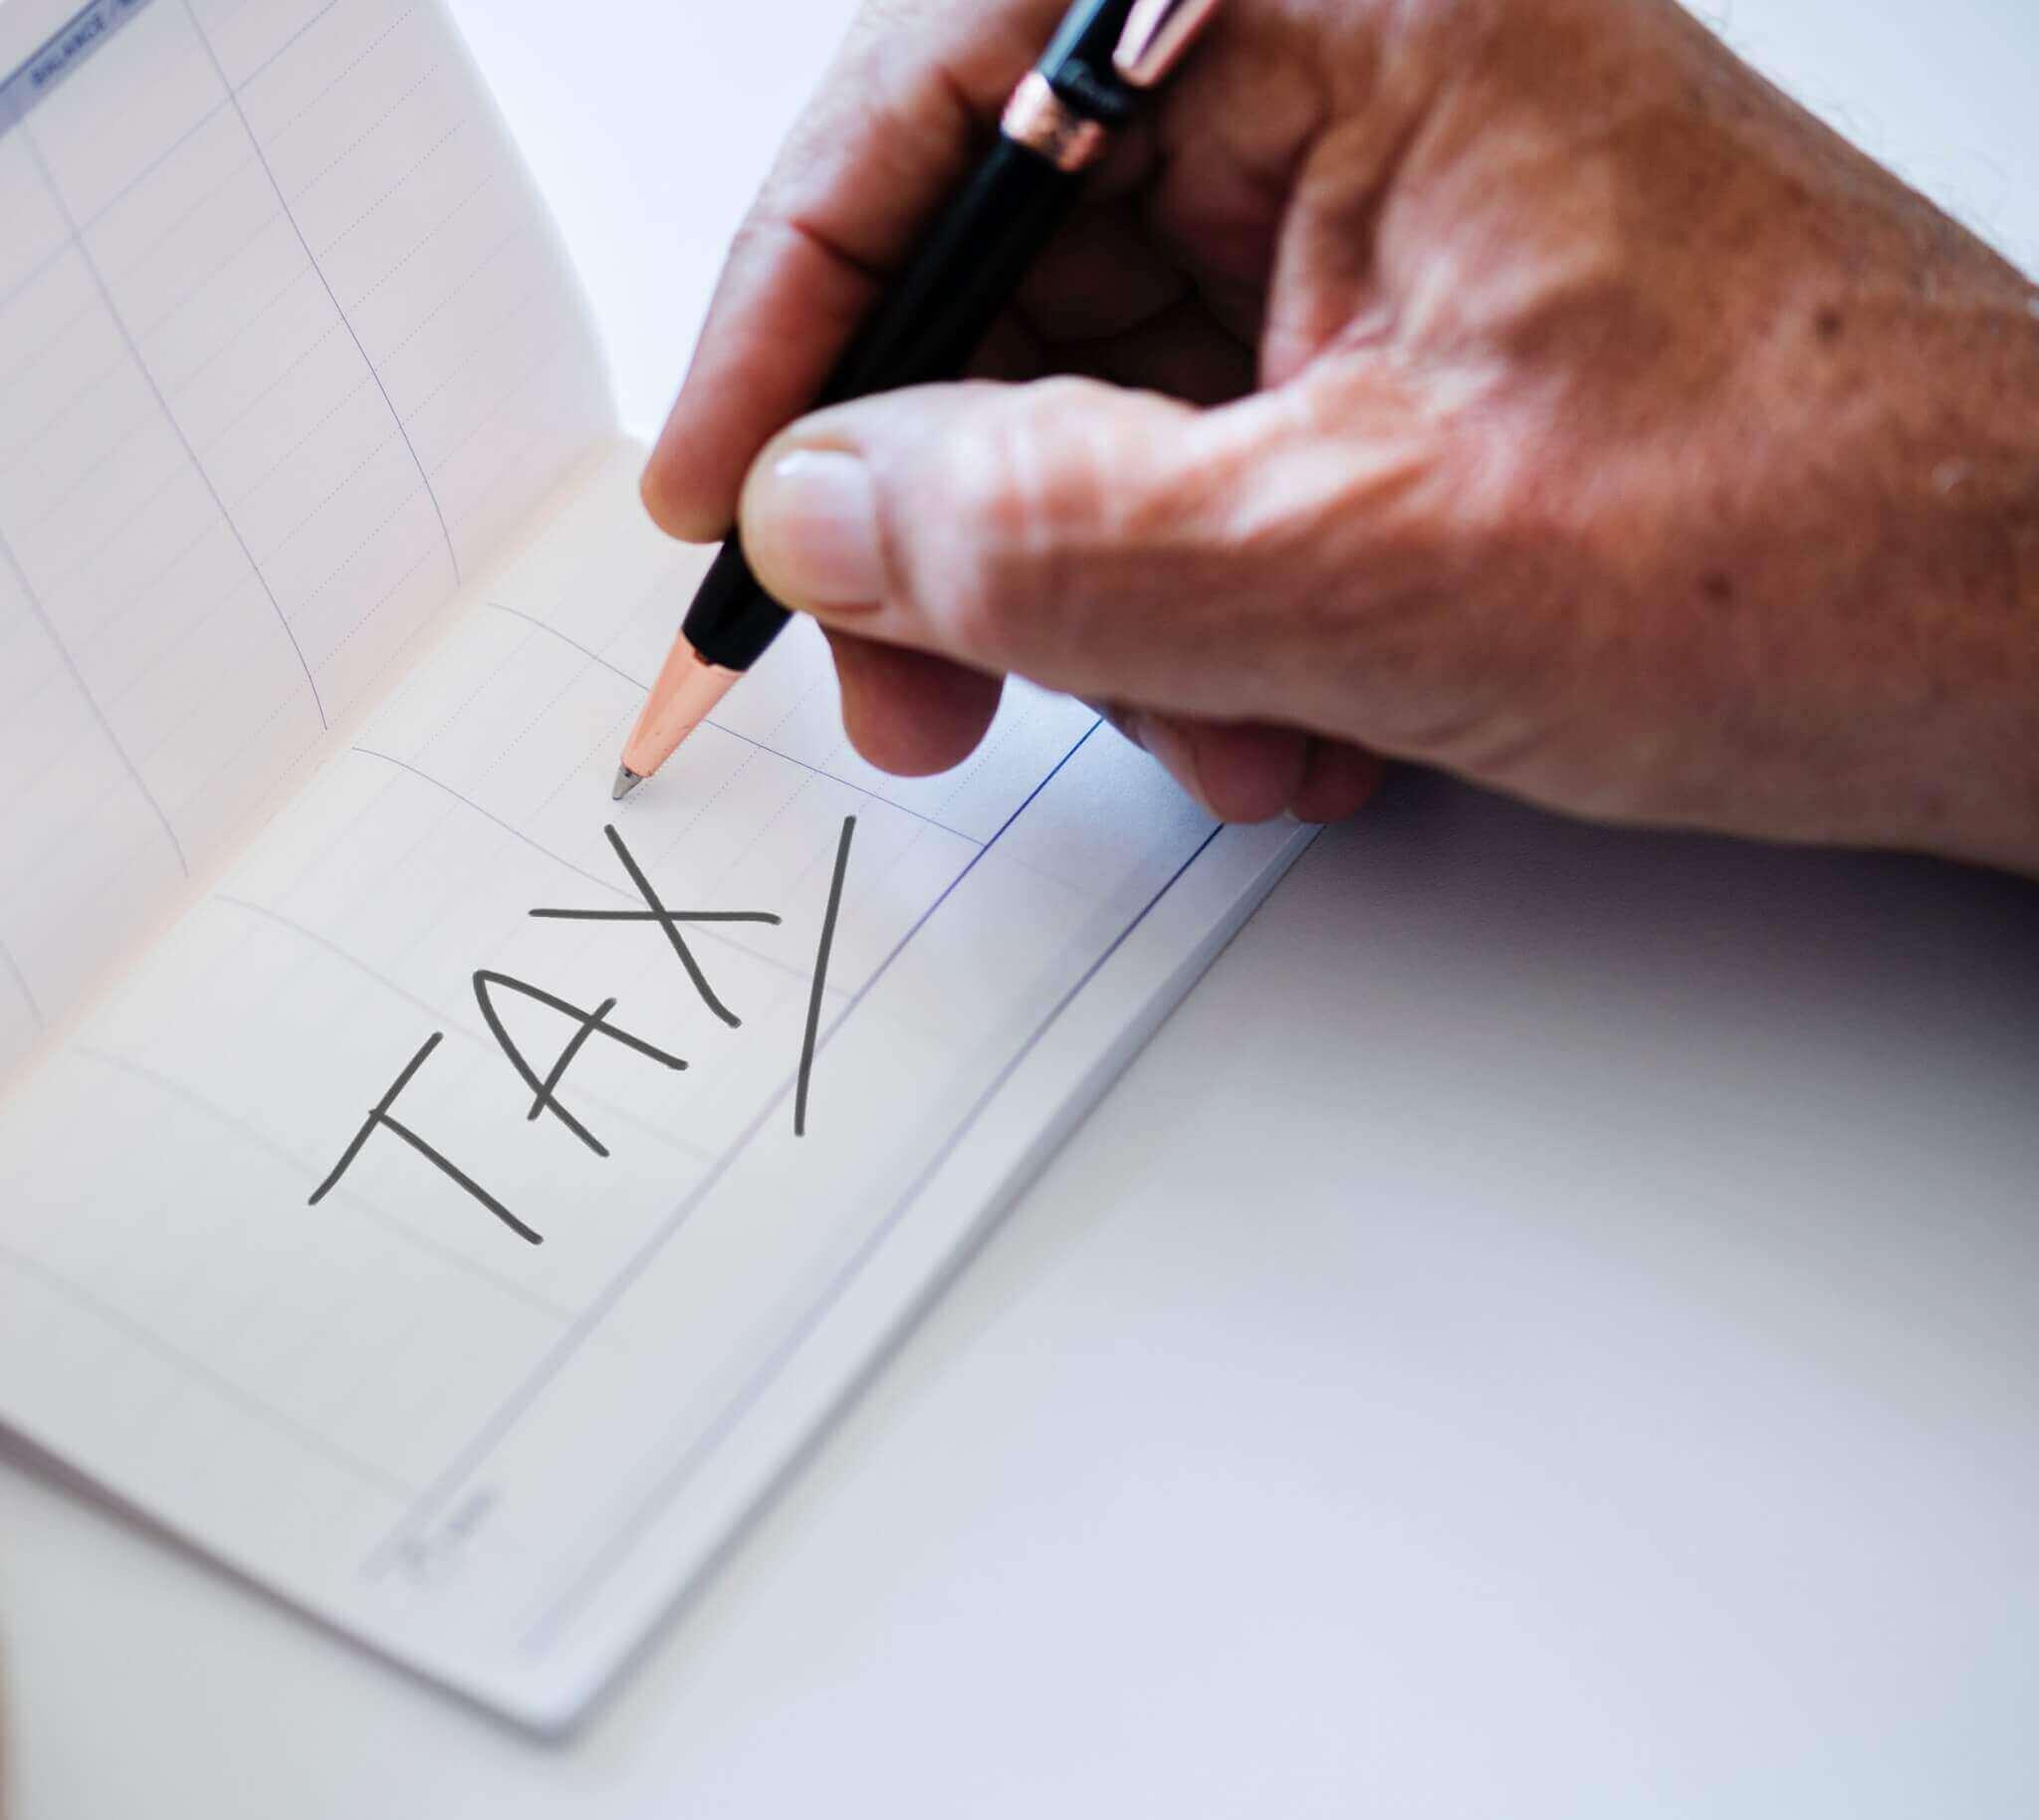 Contabilidad de Impuestos: ¿Cuándo Tengo que Pagar Impuestos en México Como un Expatriado?